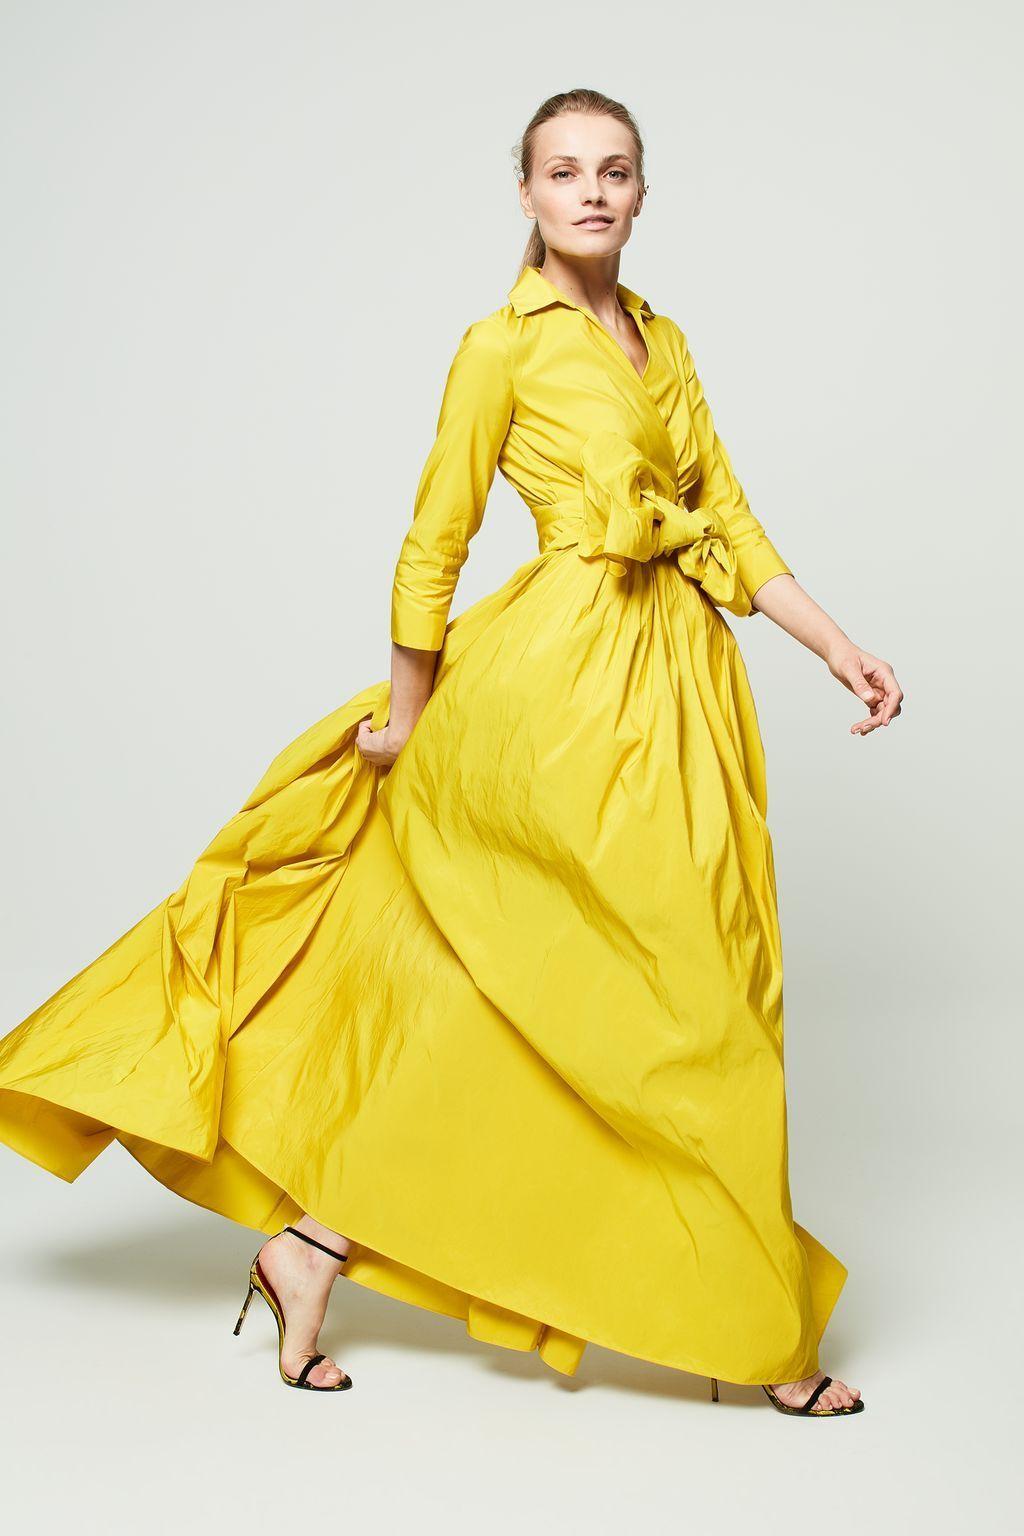 Vestido cache-cœur de tafeta AMARILLO   Products   Pinterest   Dress ...